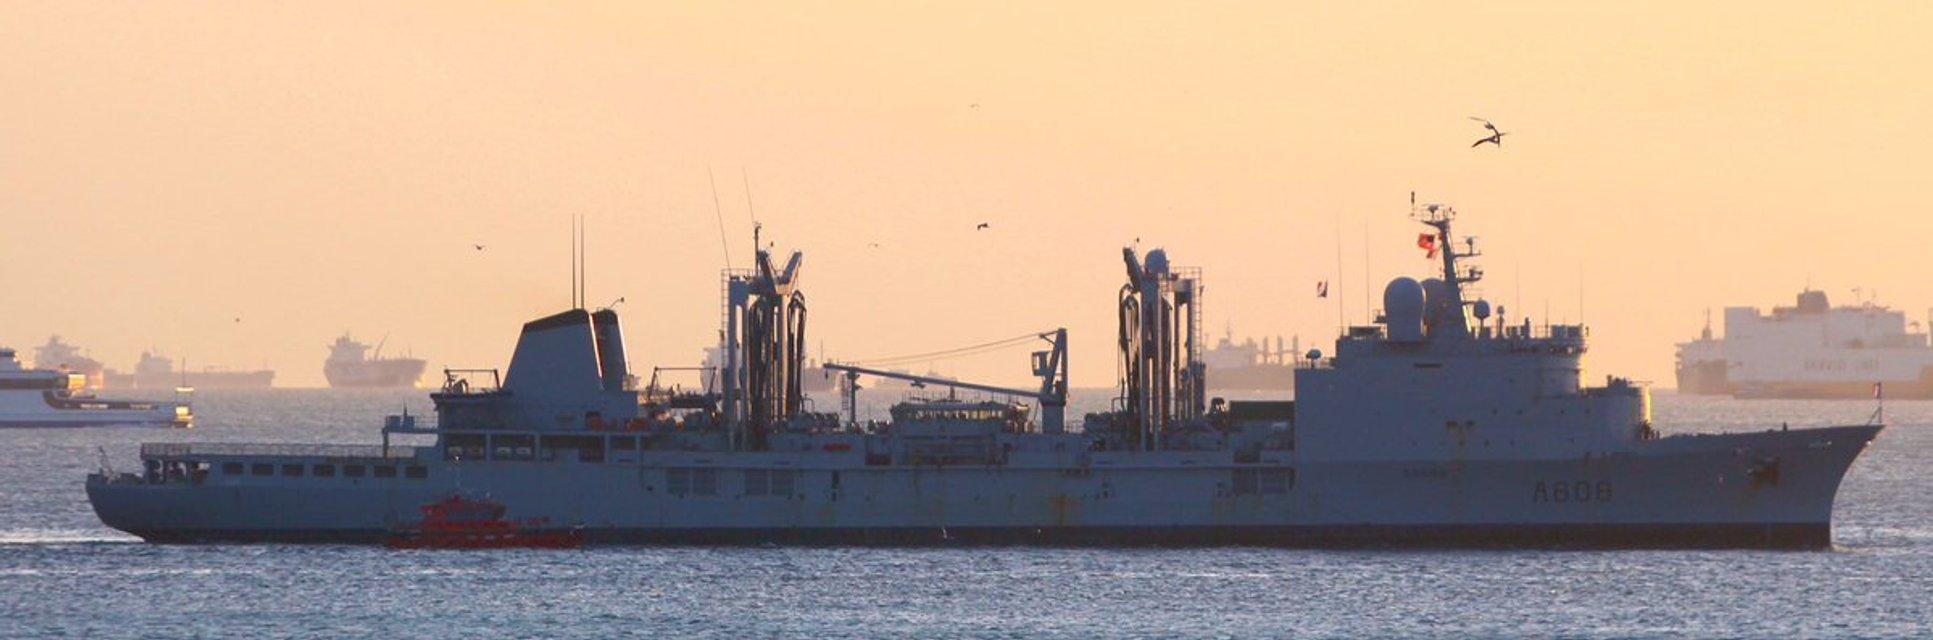 Ударная группа кораблей НАТО вошла в Чёрное море: появились эффектные фото - фото 178107